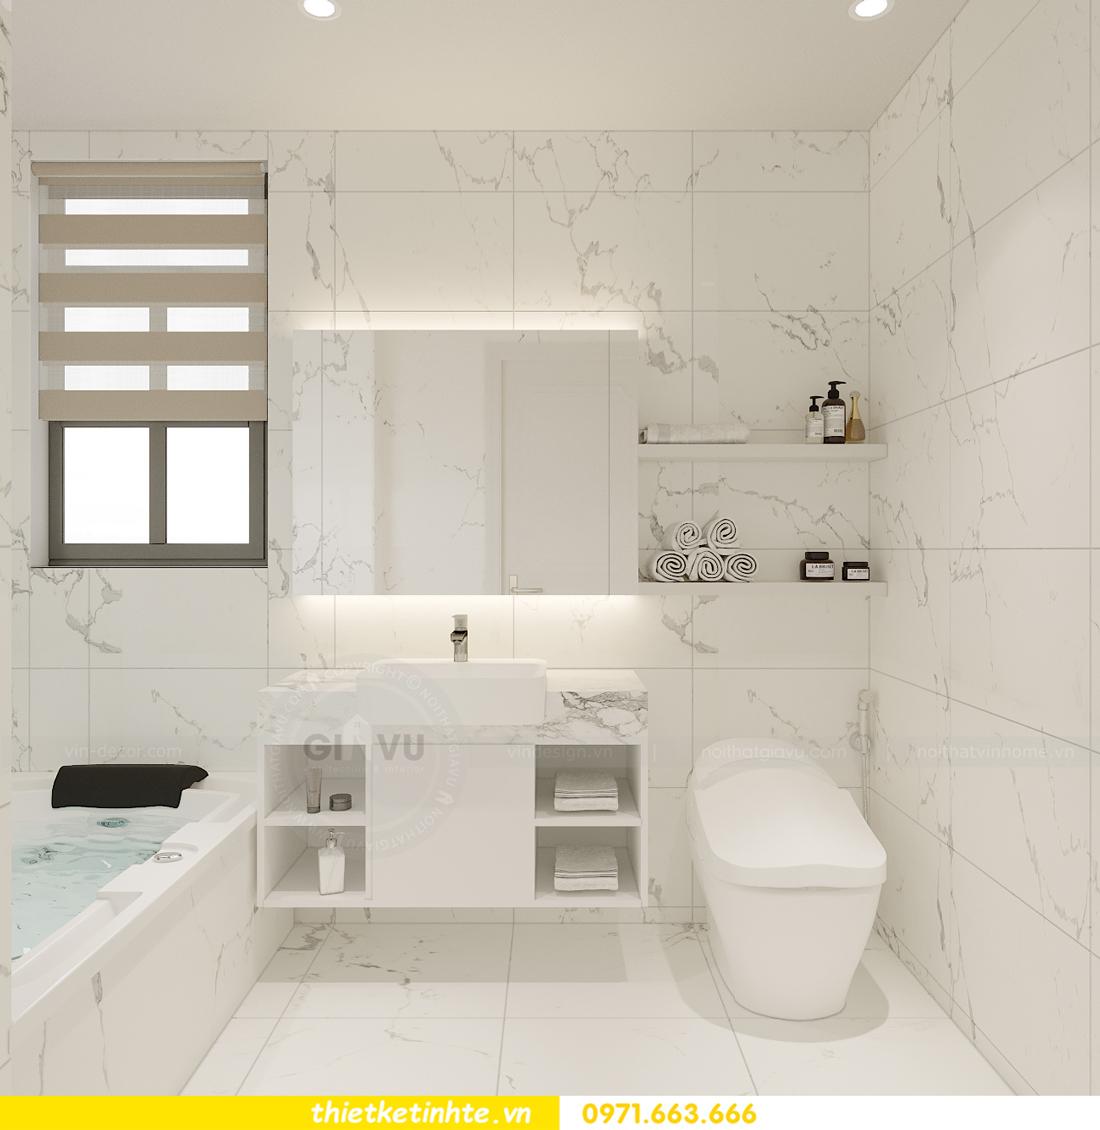 Thiết kế nội thất nhà phố hiện đại nhà anh Sơn Hải Phòng 16